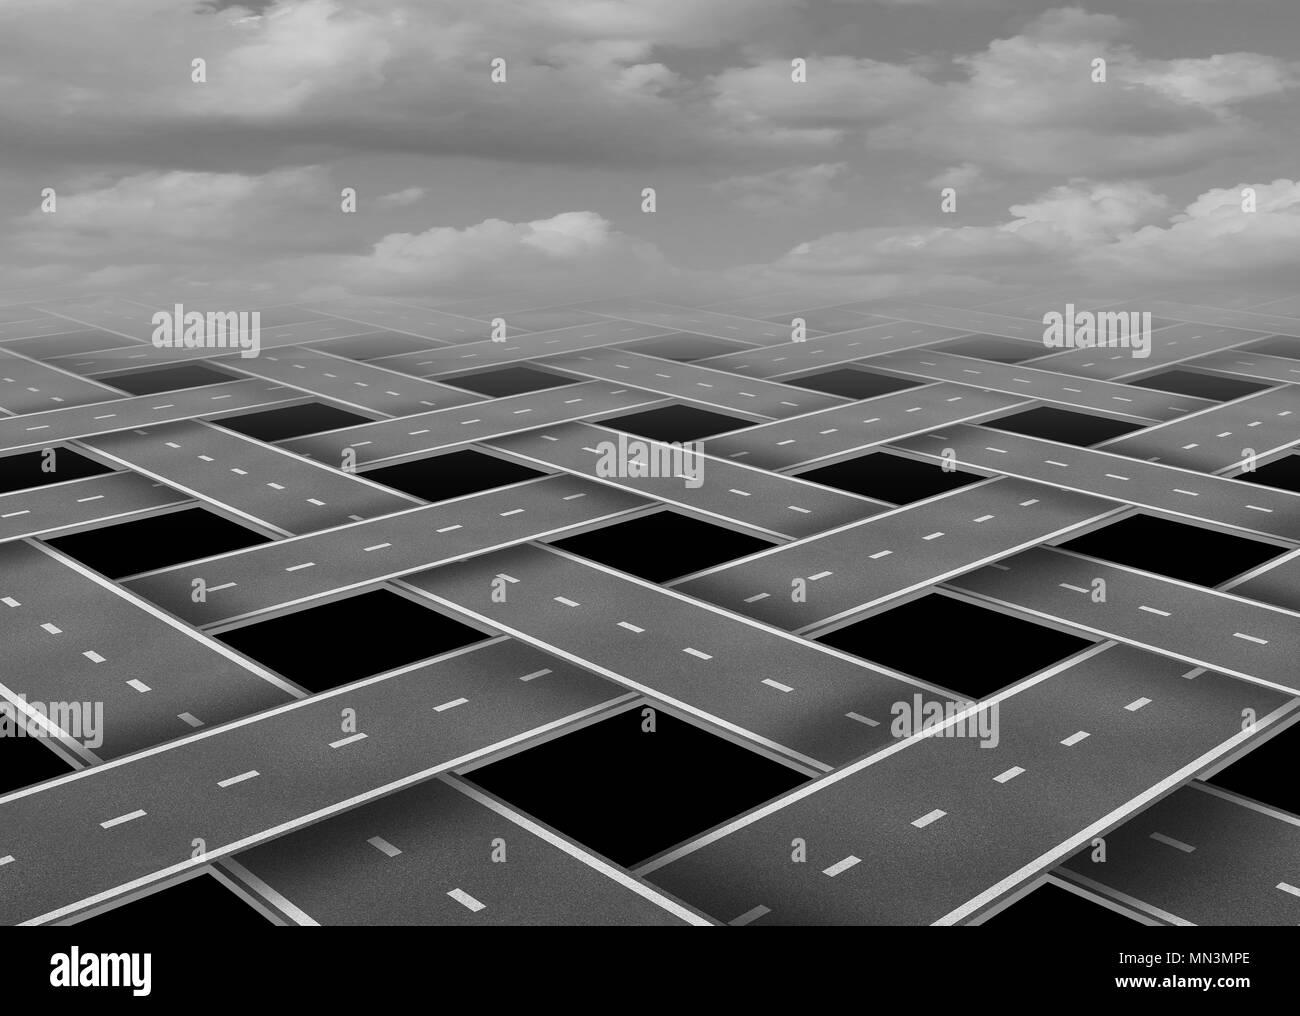 Organizzazione del trasporto su strada e il concetto di viaggio come organizzato transito gestito con 3D'illustrazione degli elementi. Immagini Stock